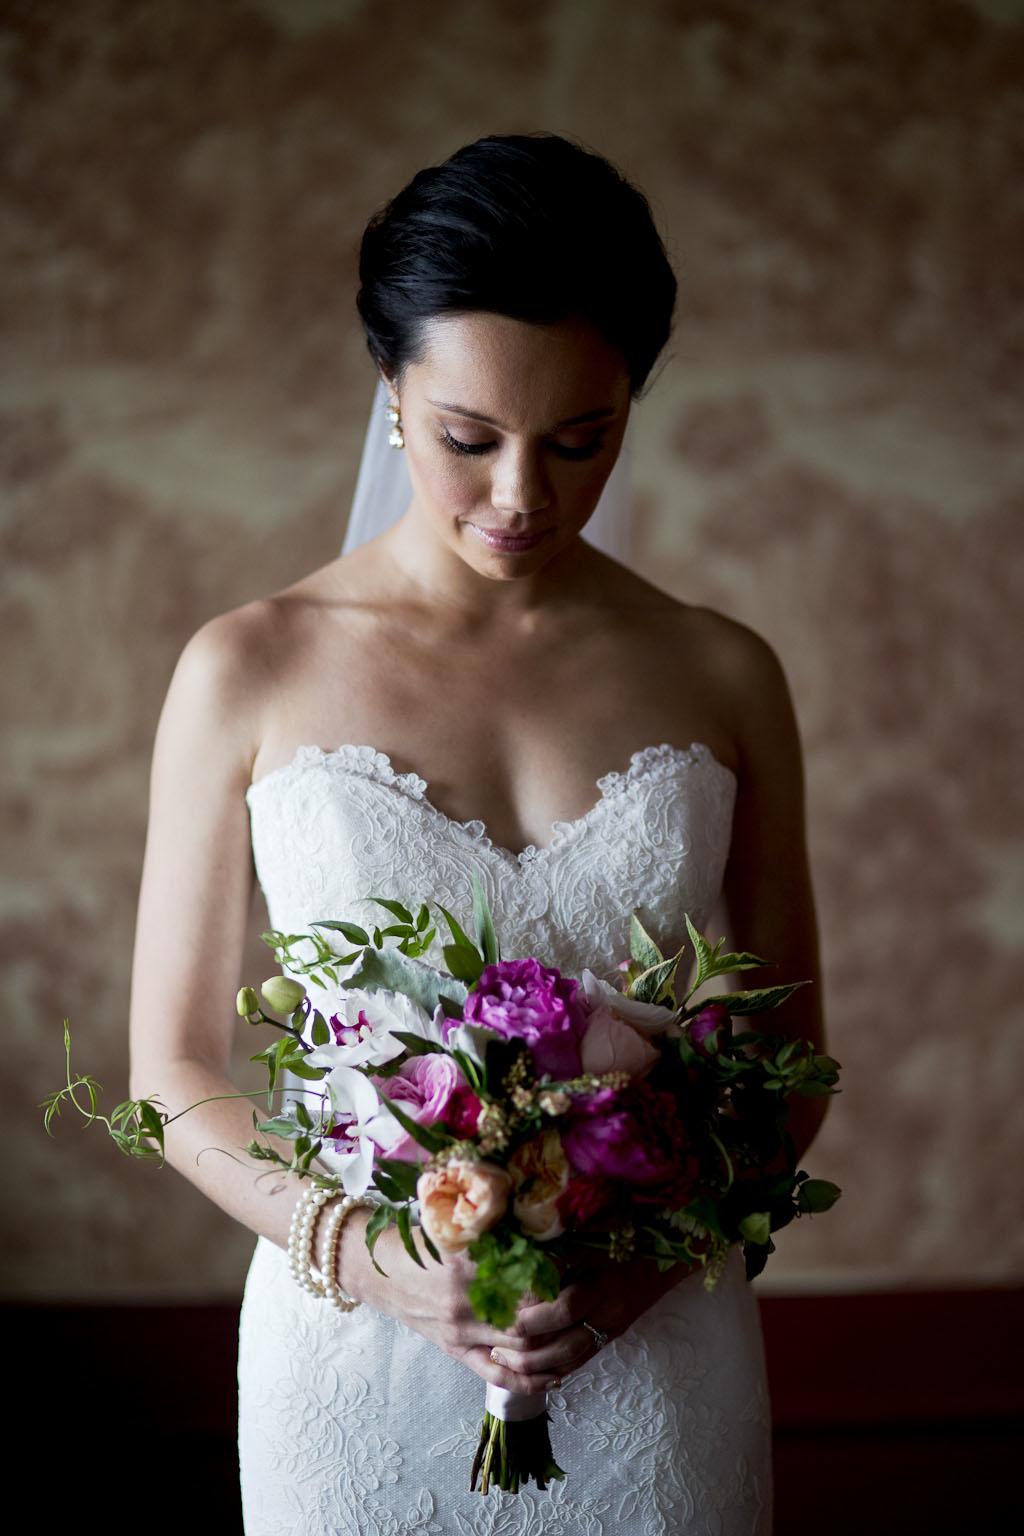 ~The Bride~